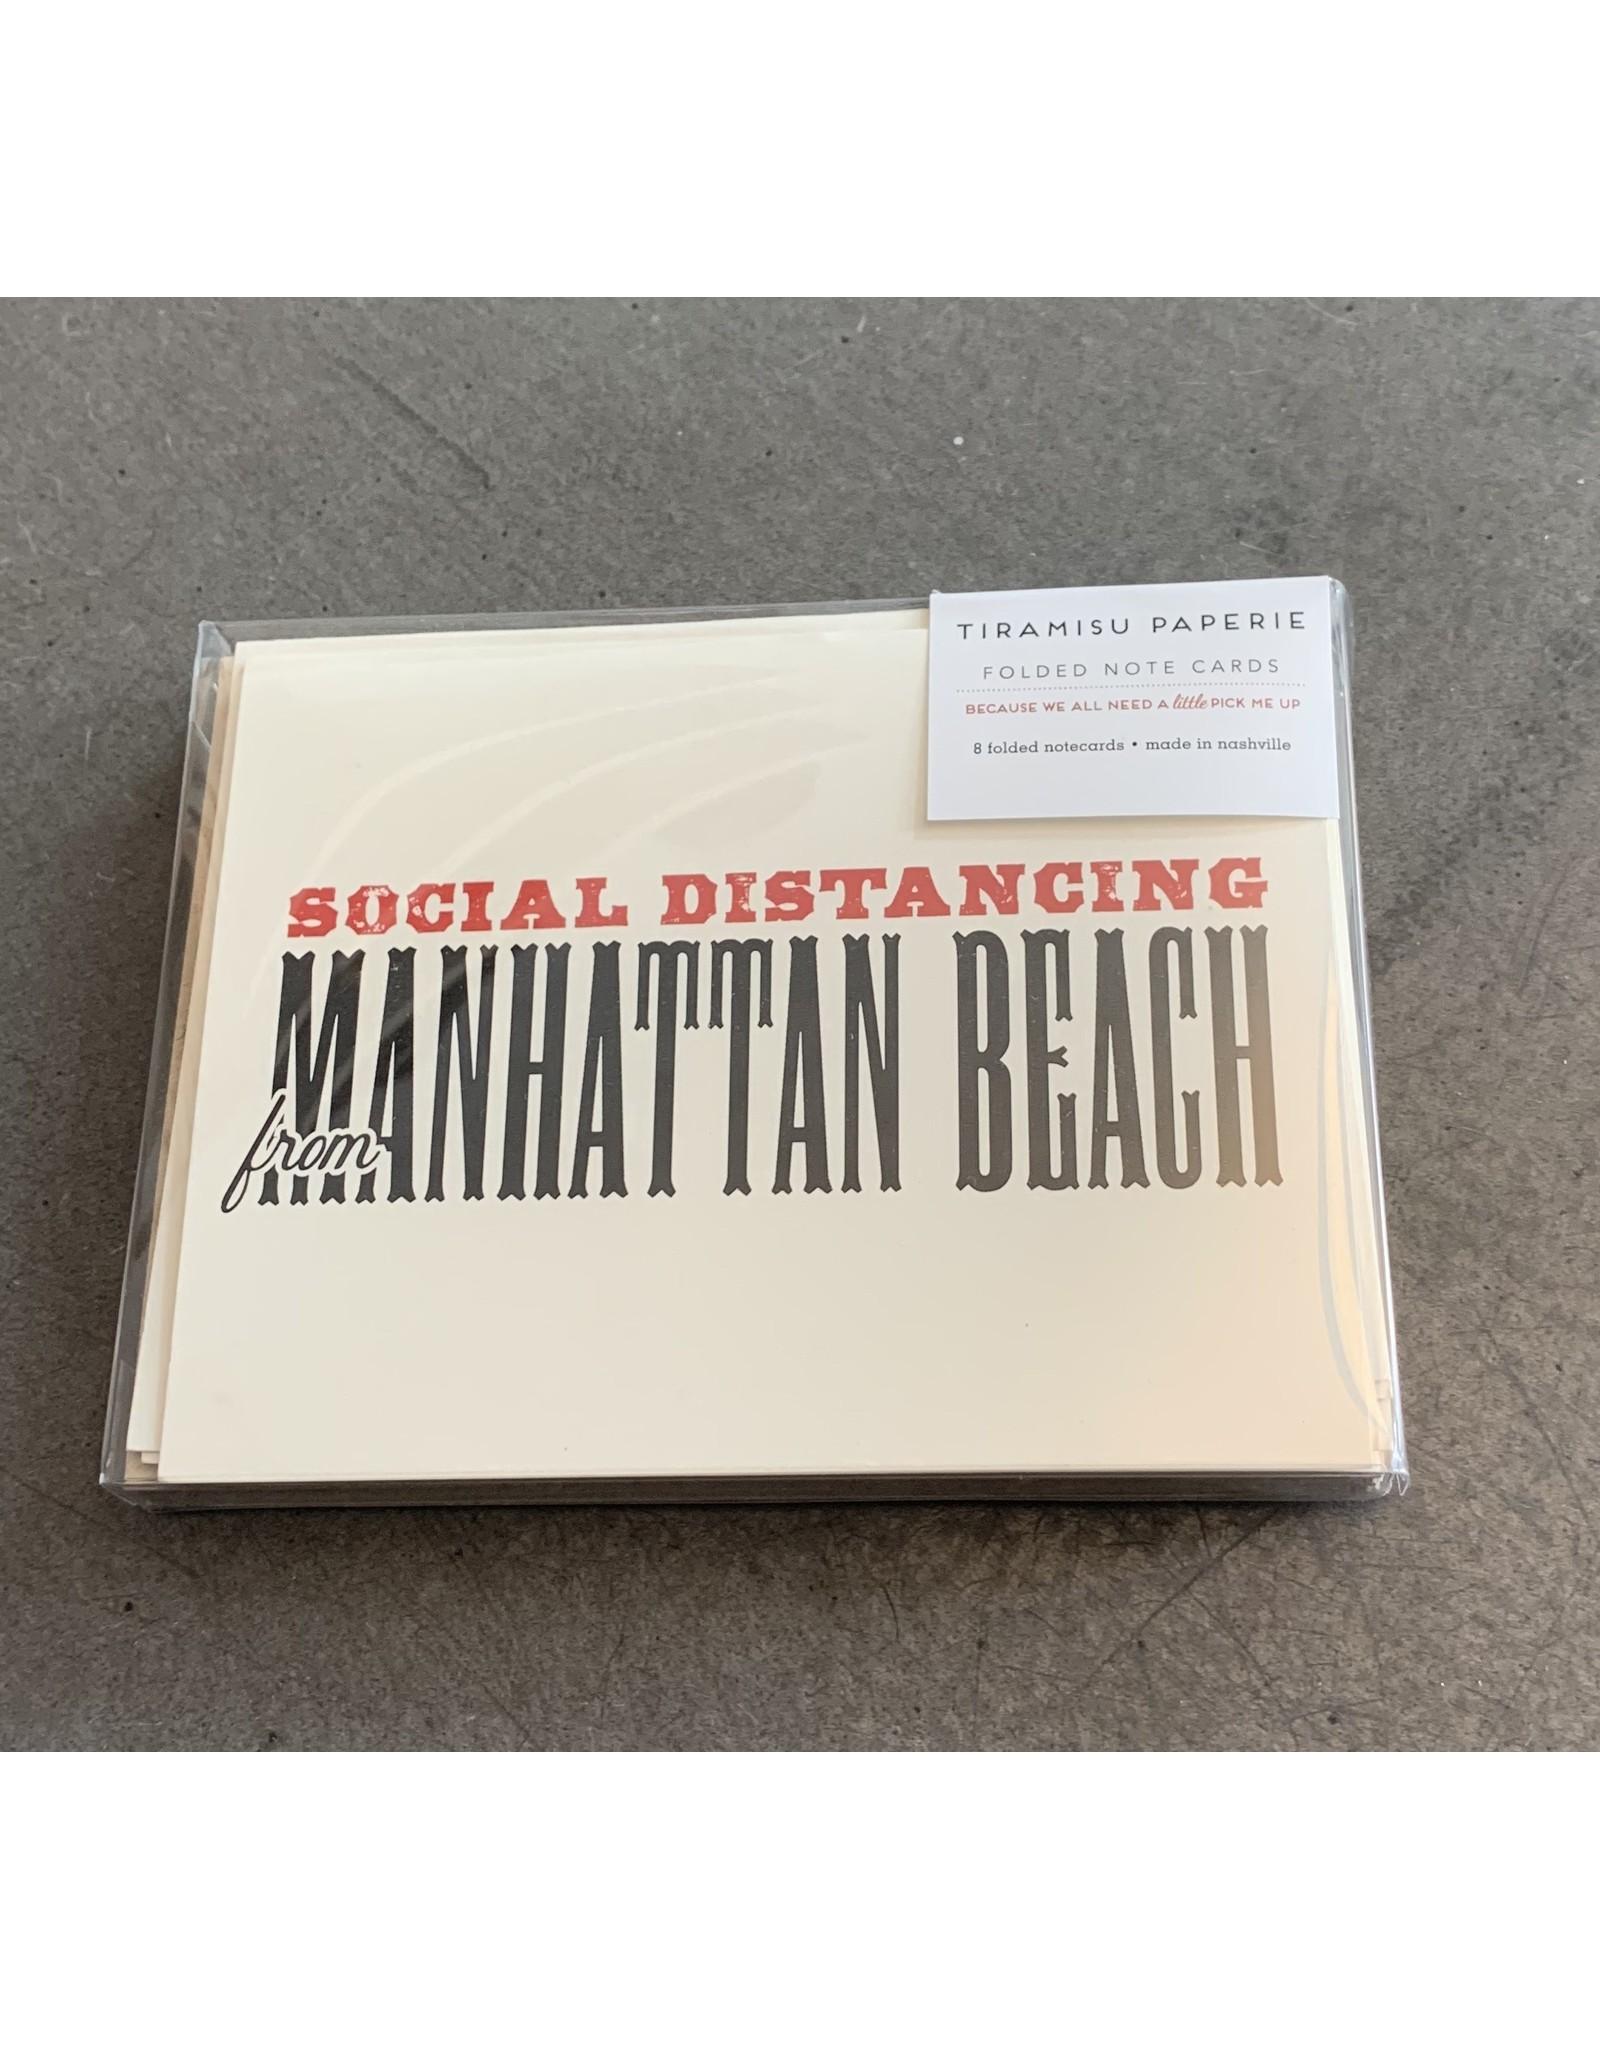 Tiramisu Social Distancing from Note Cards